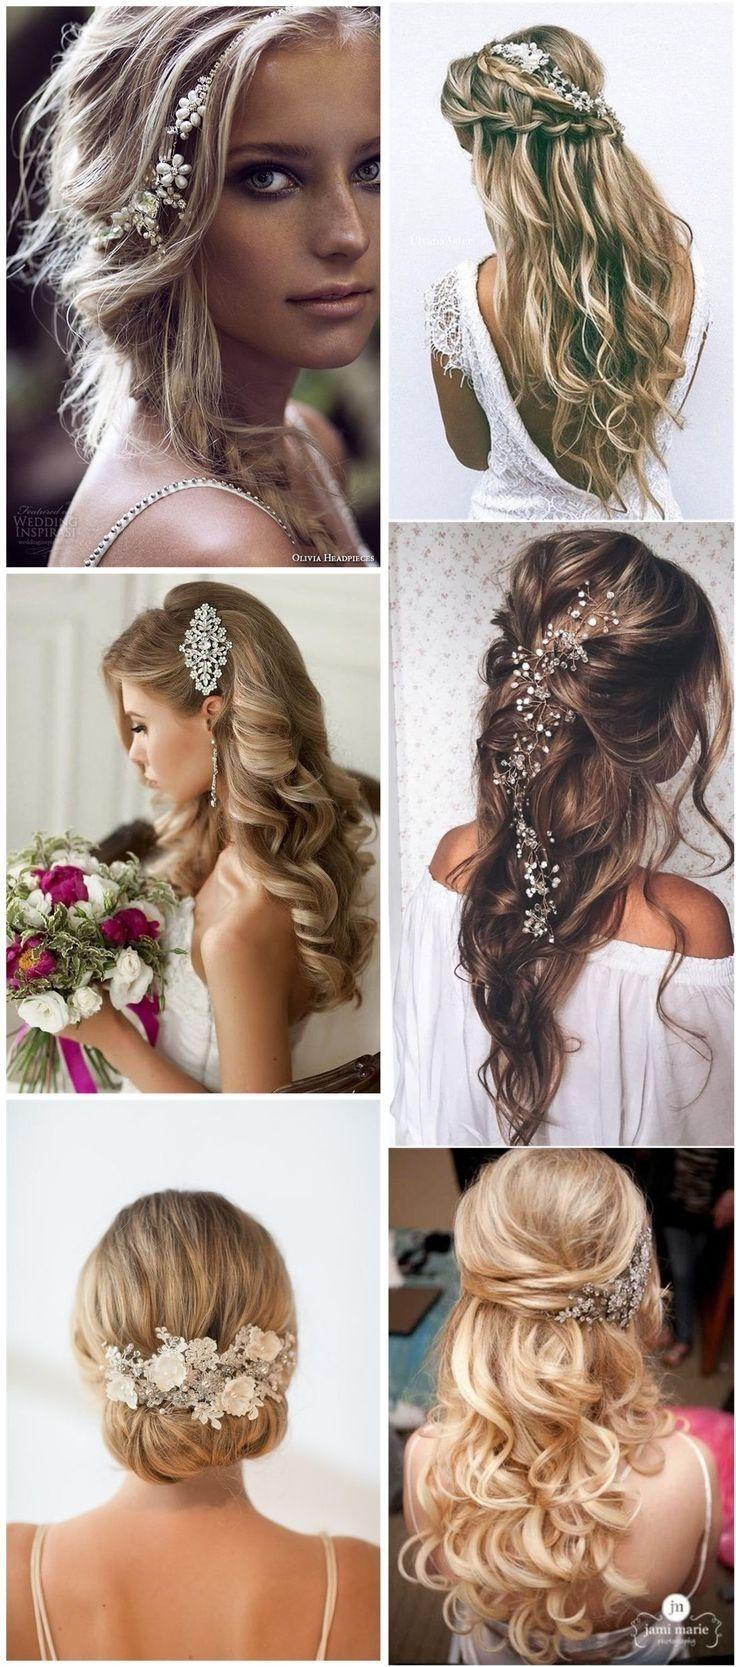 Hochzeit Haarschmuck Für Langes Haar Die Hochzeit Haar-Accessoires